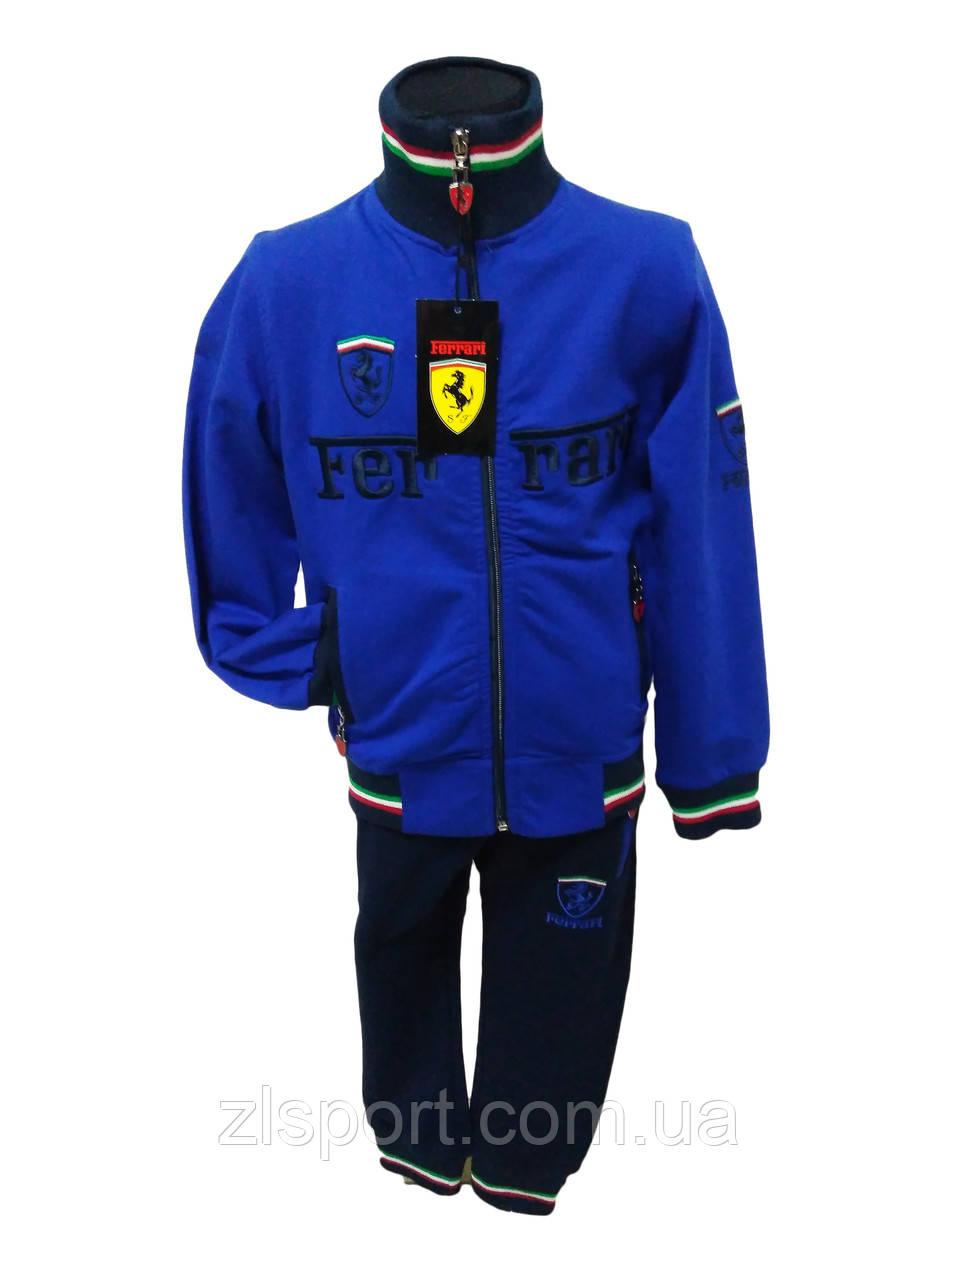 4610e983 Детский трикотажный спортивный костюм Ferrari (Турция) - Интернет магазин  спортивной одежды